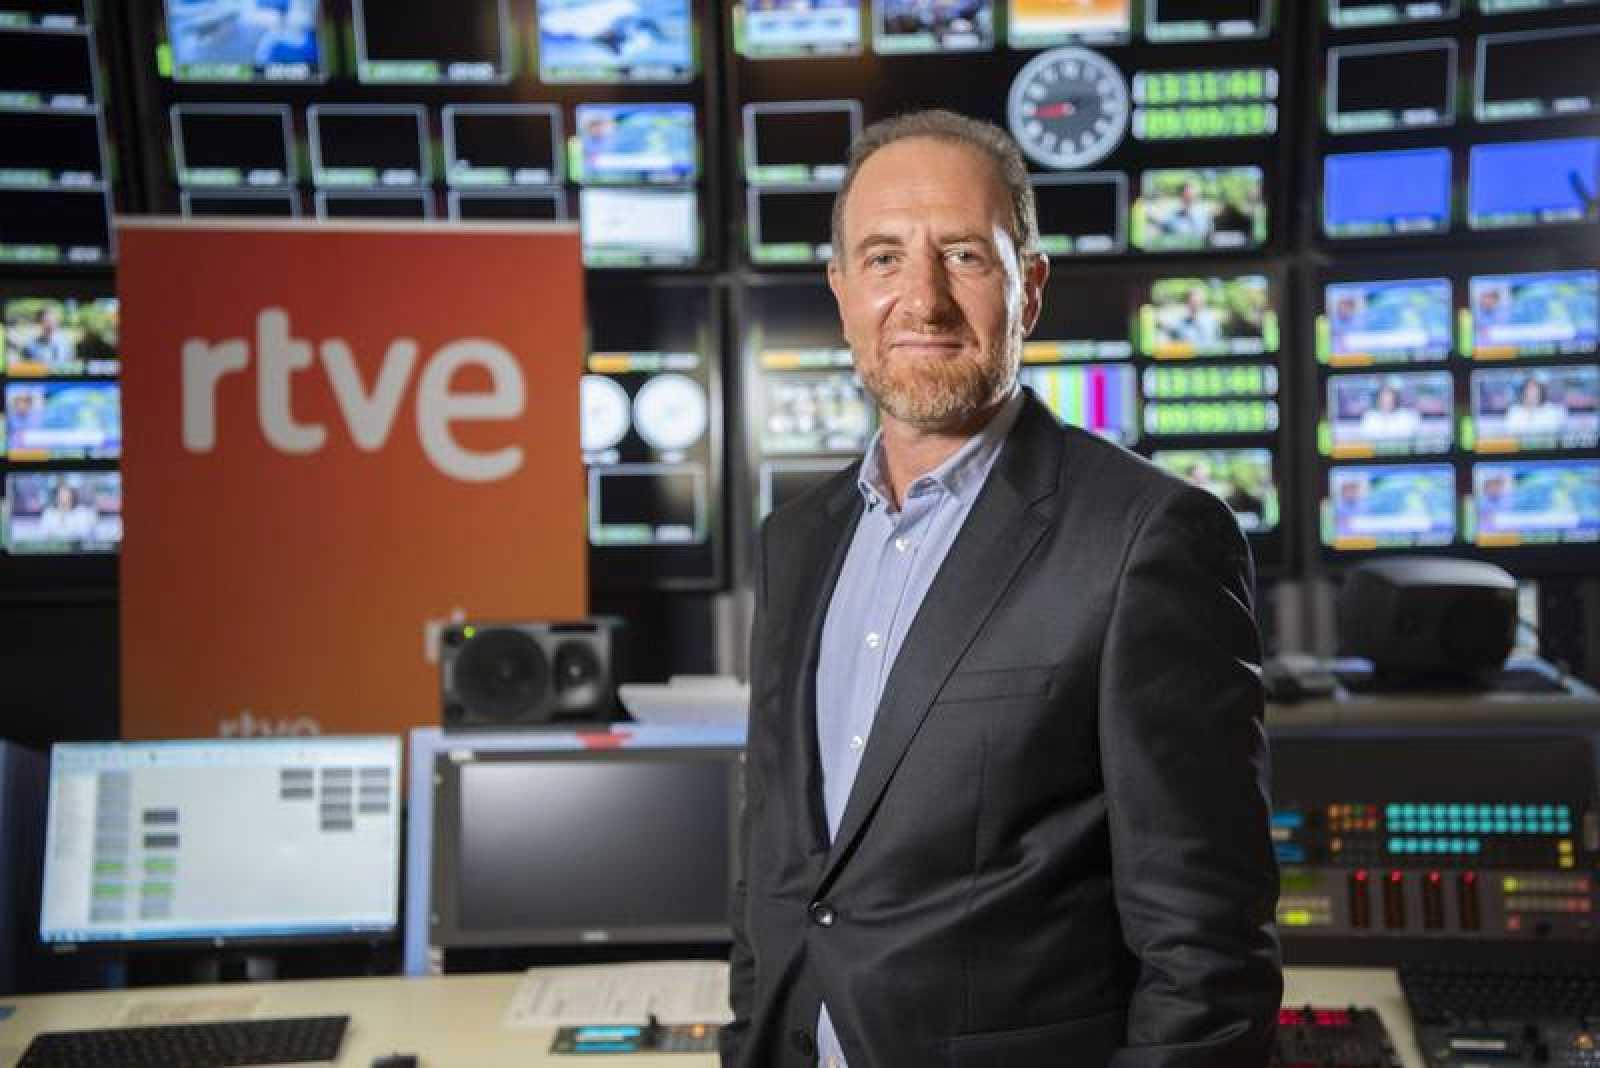 La plantilla de RTVE inicia una campaña interna contra Enric Hernández